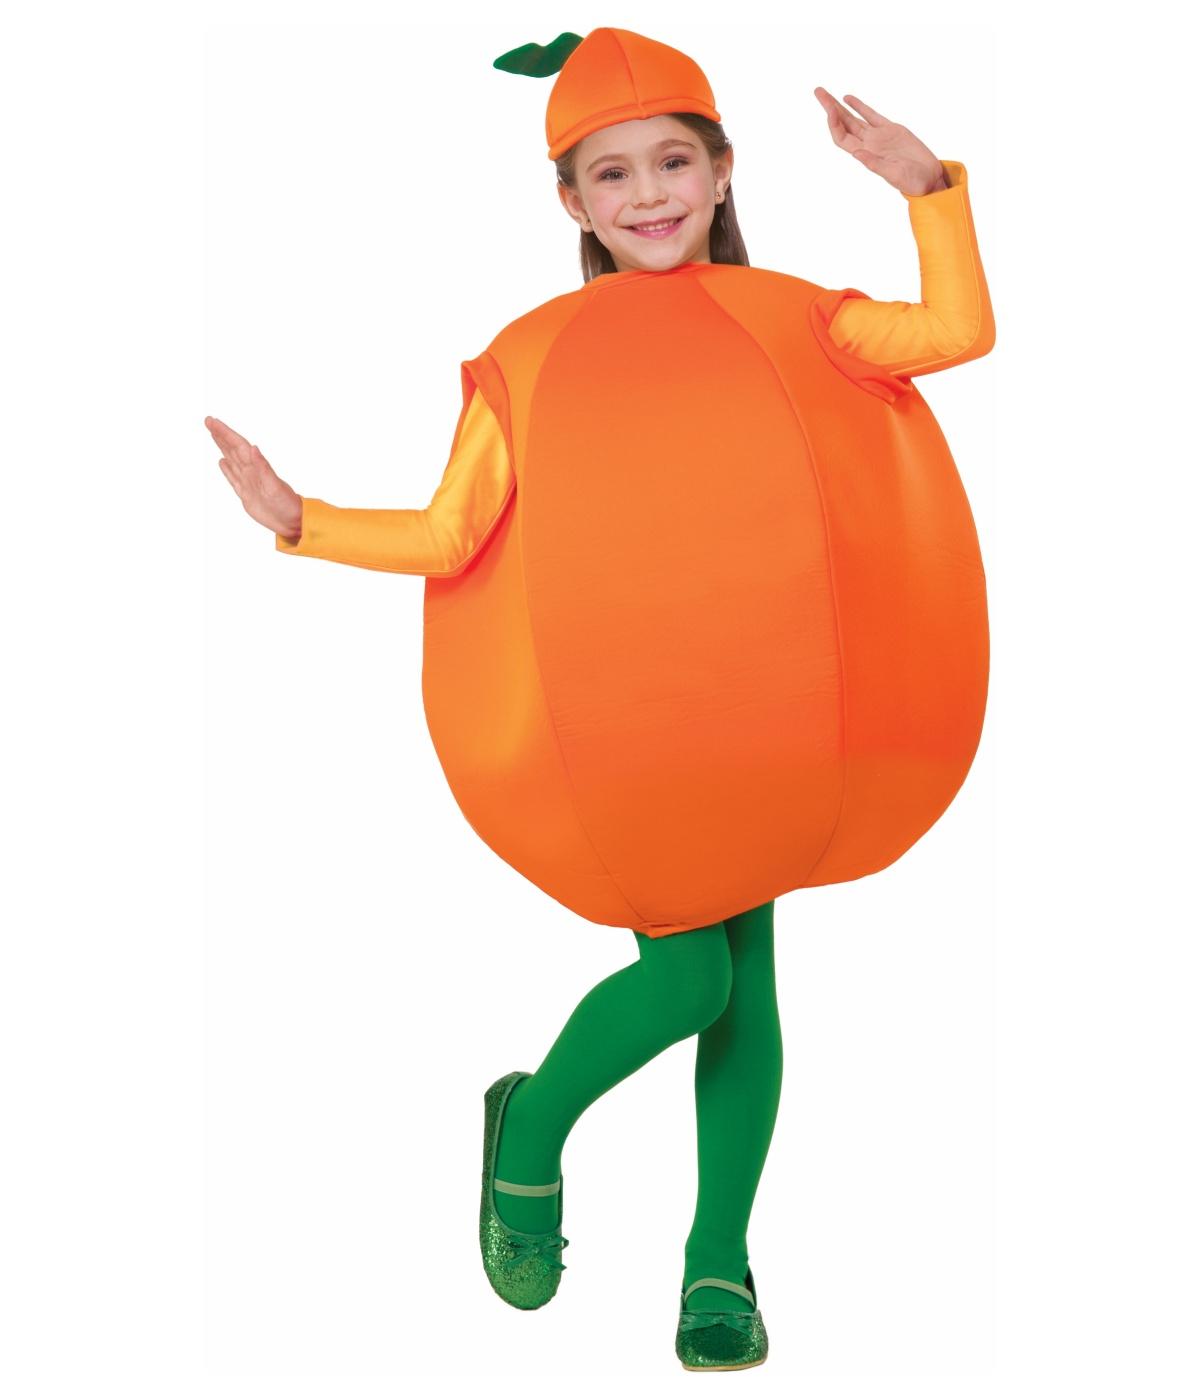 Sweet Orange Kids Fruit Costume - Food Costumes